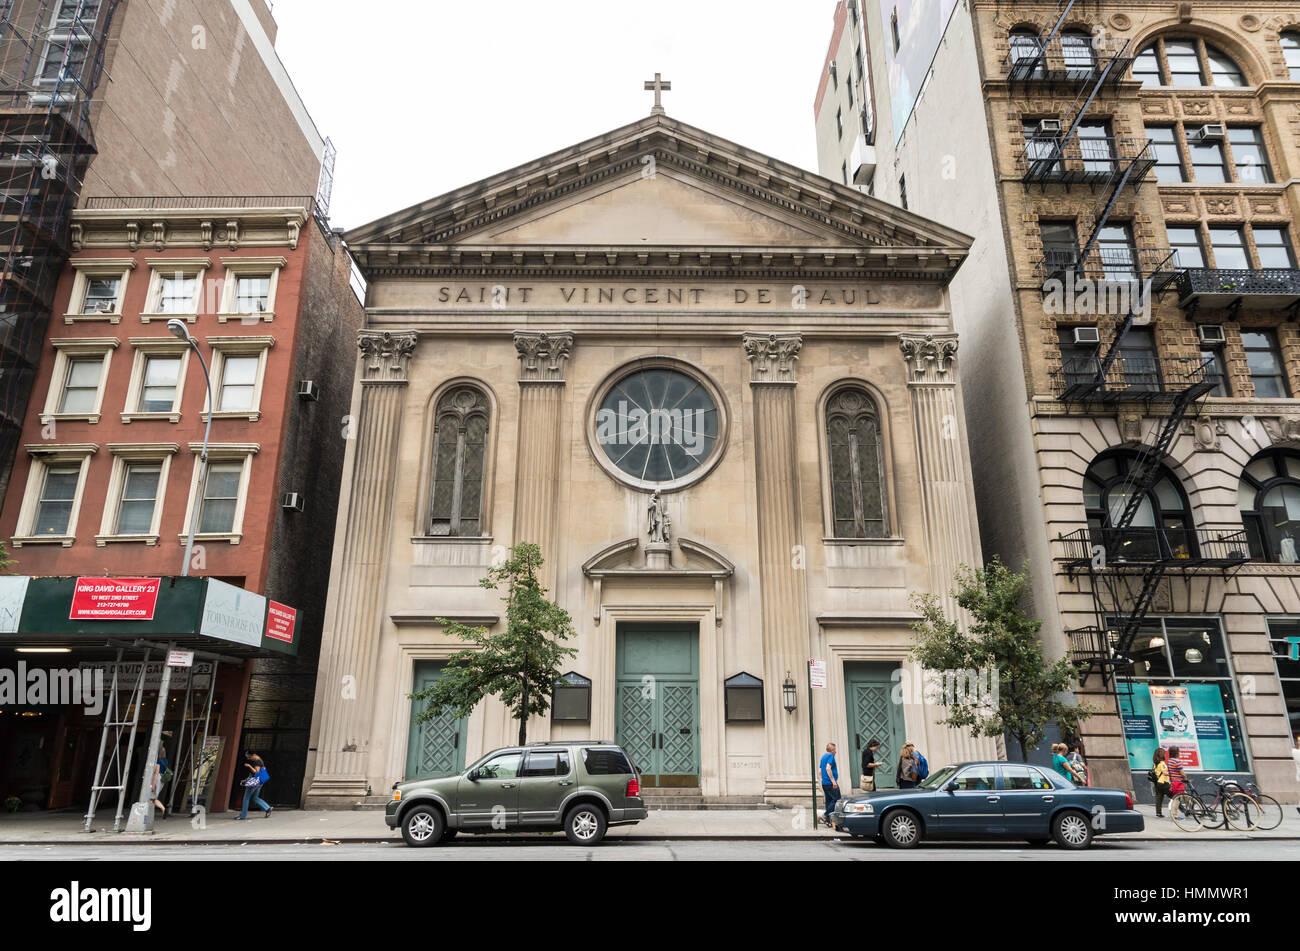 La façade extérieure de l'église Saint Vincent de Paul à Manhattan, New York, USA Photo Stock